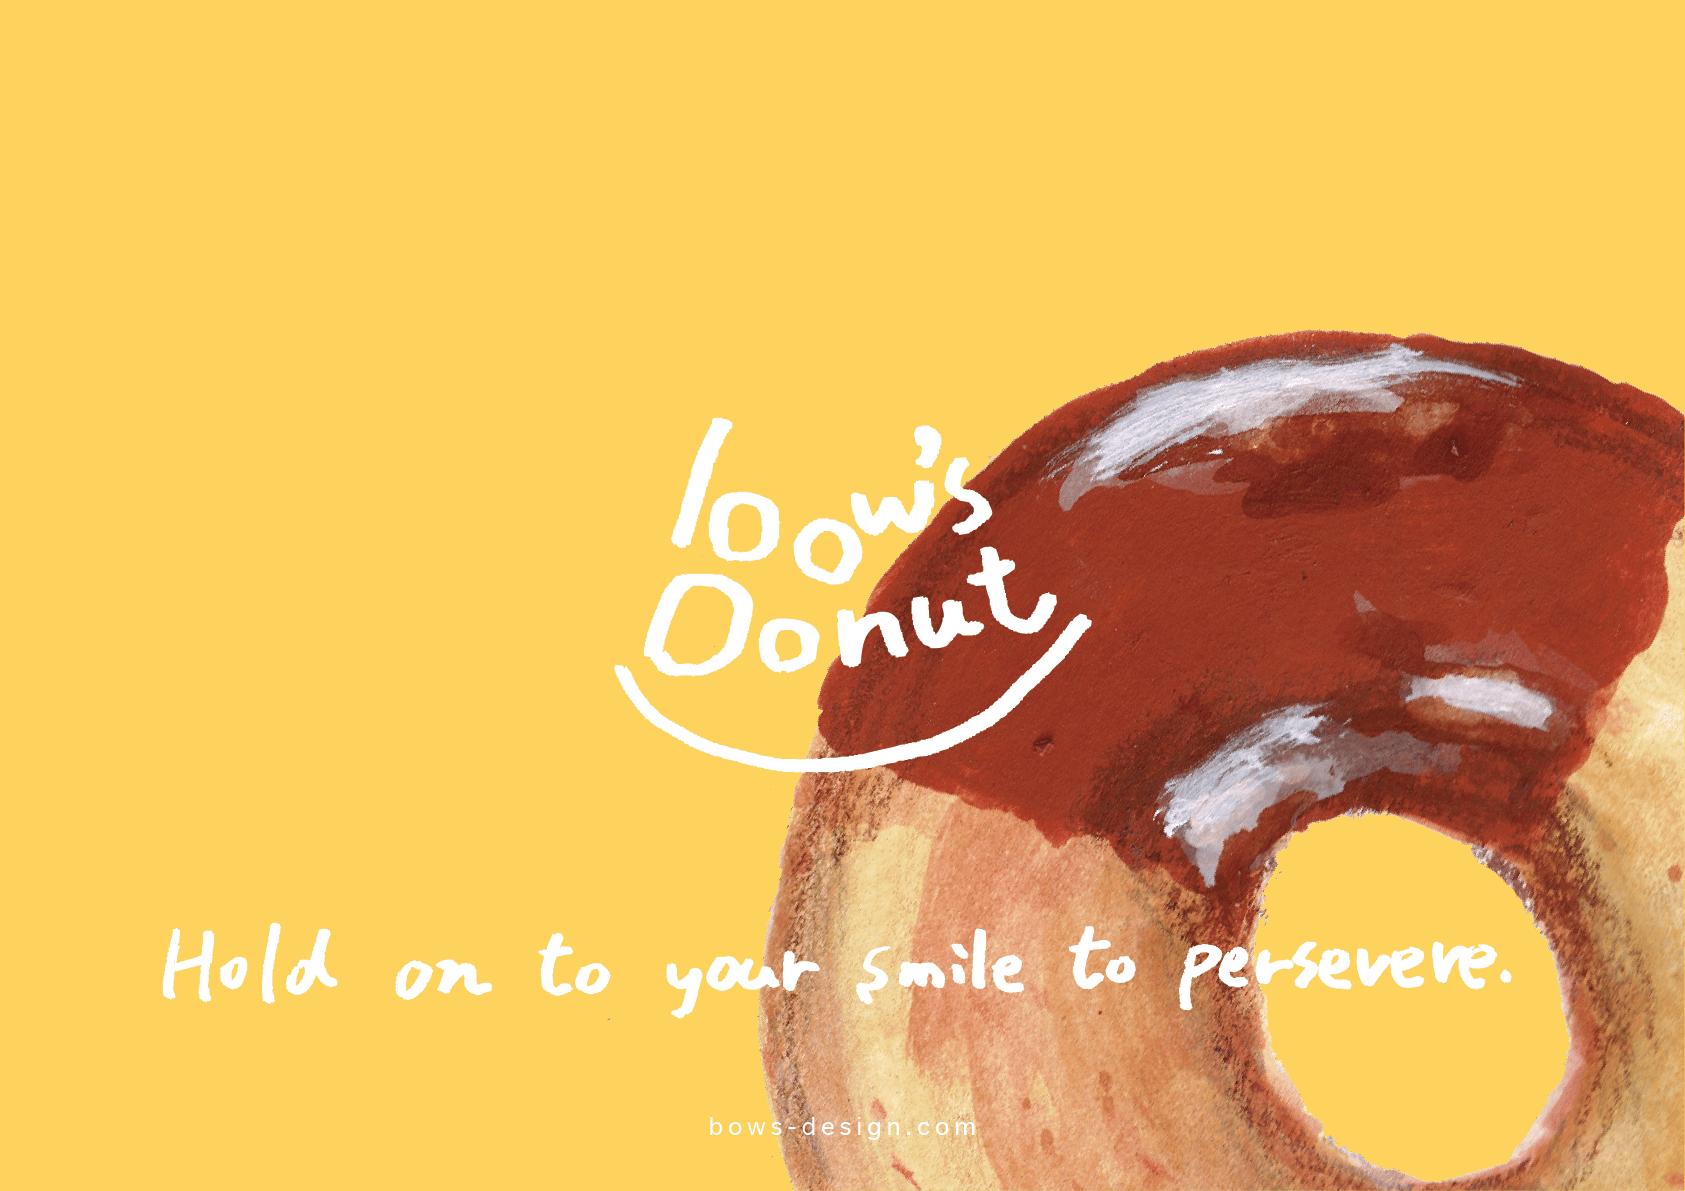 bow's Donut ポスター デザイン